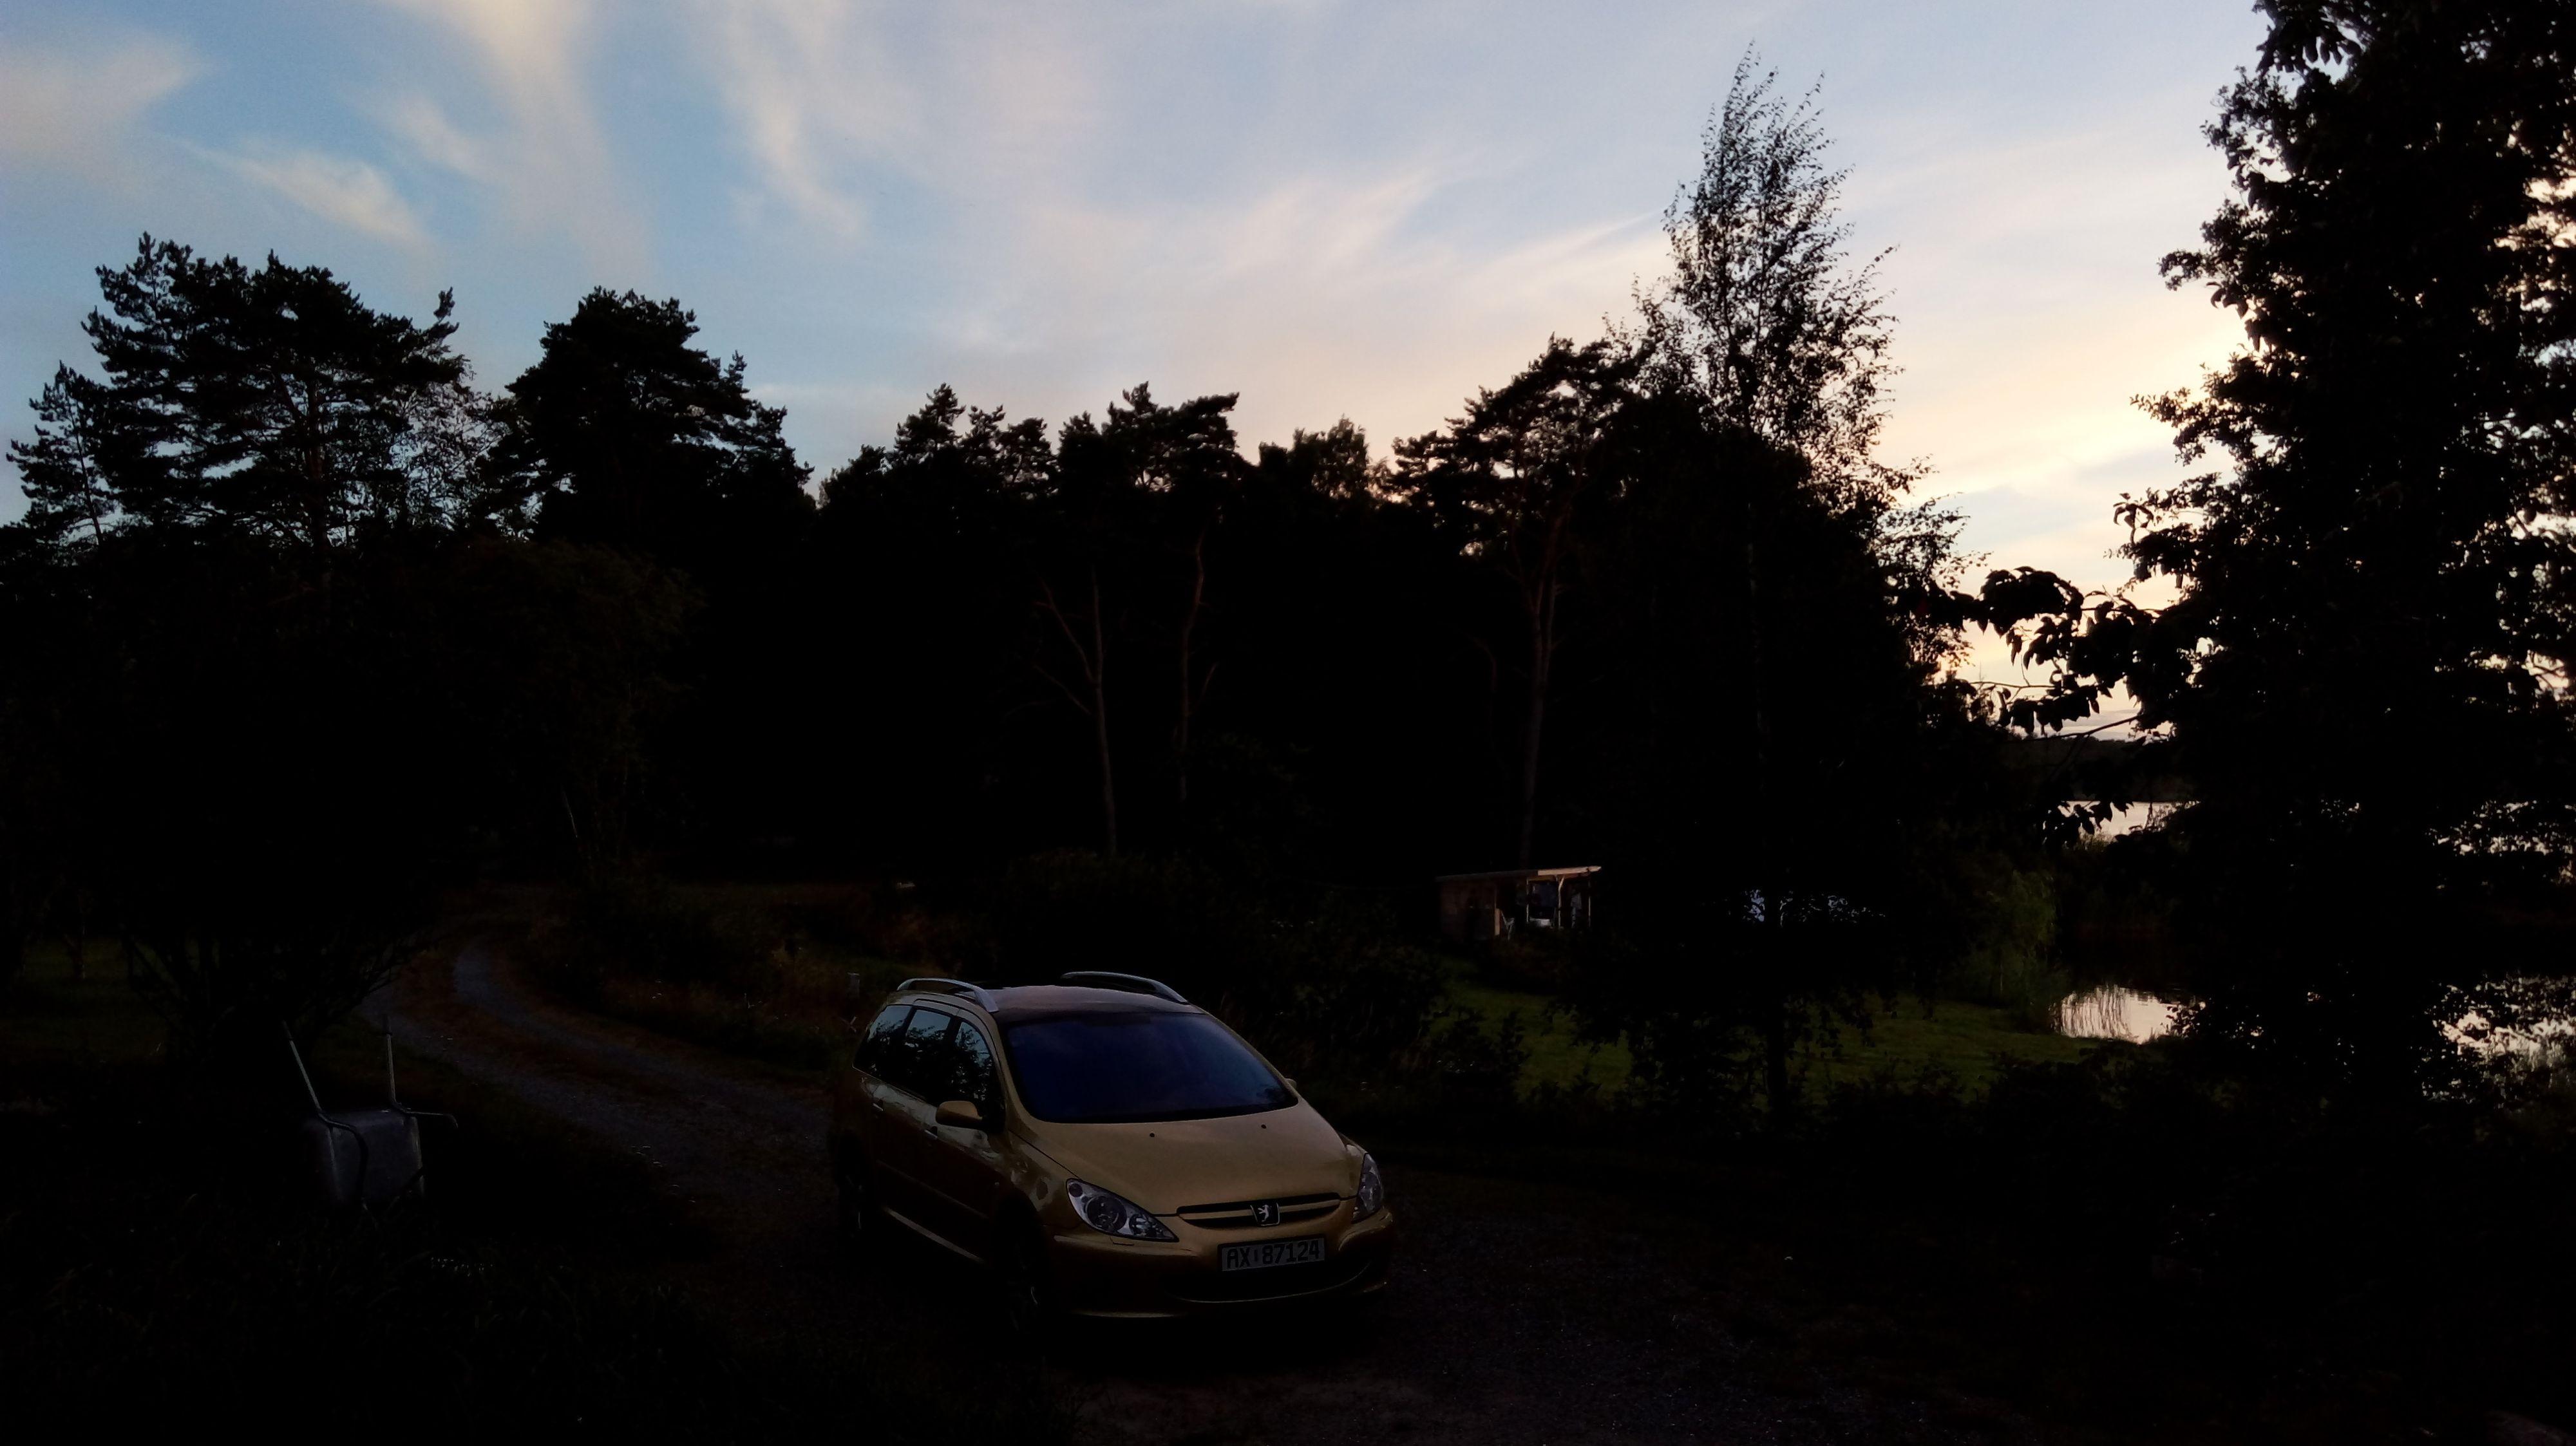 Eksempelbilde fra LG K10.